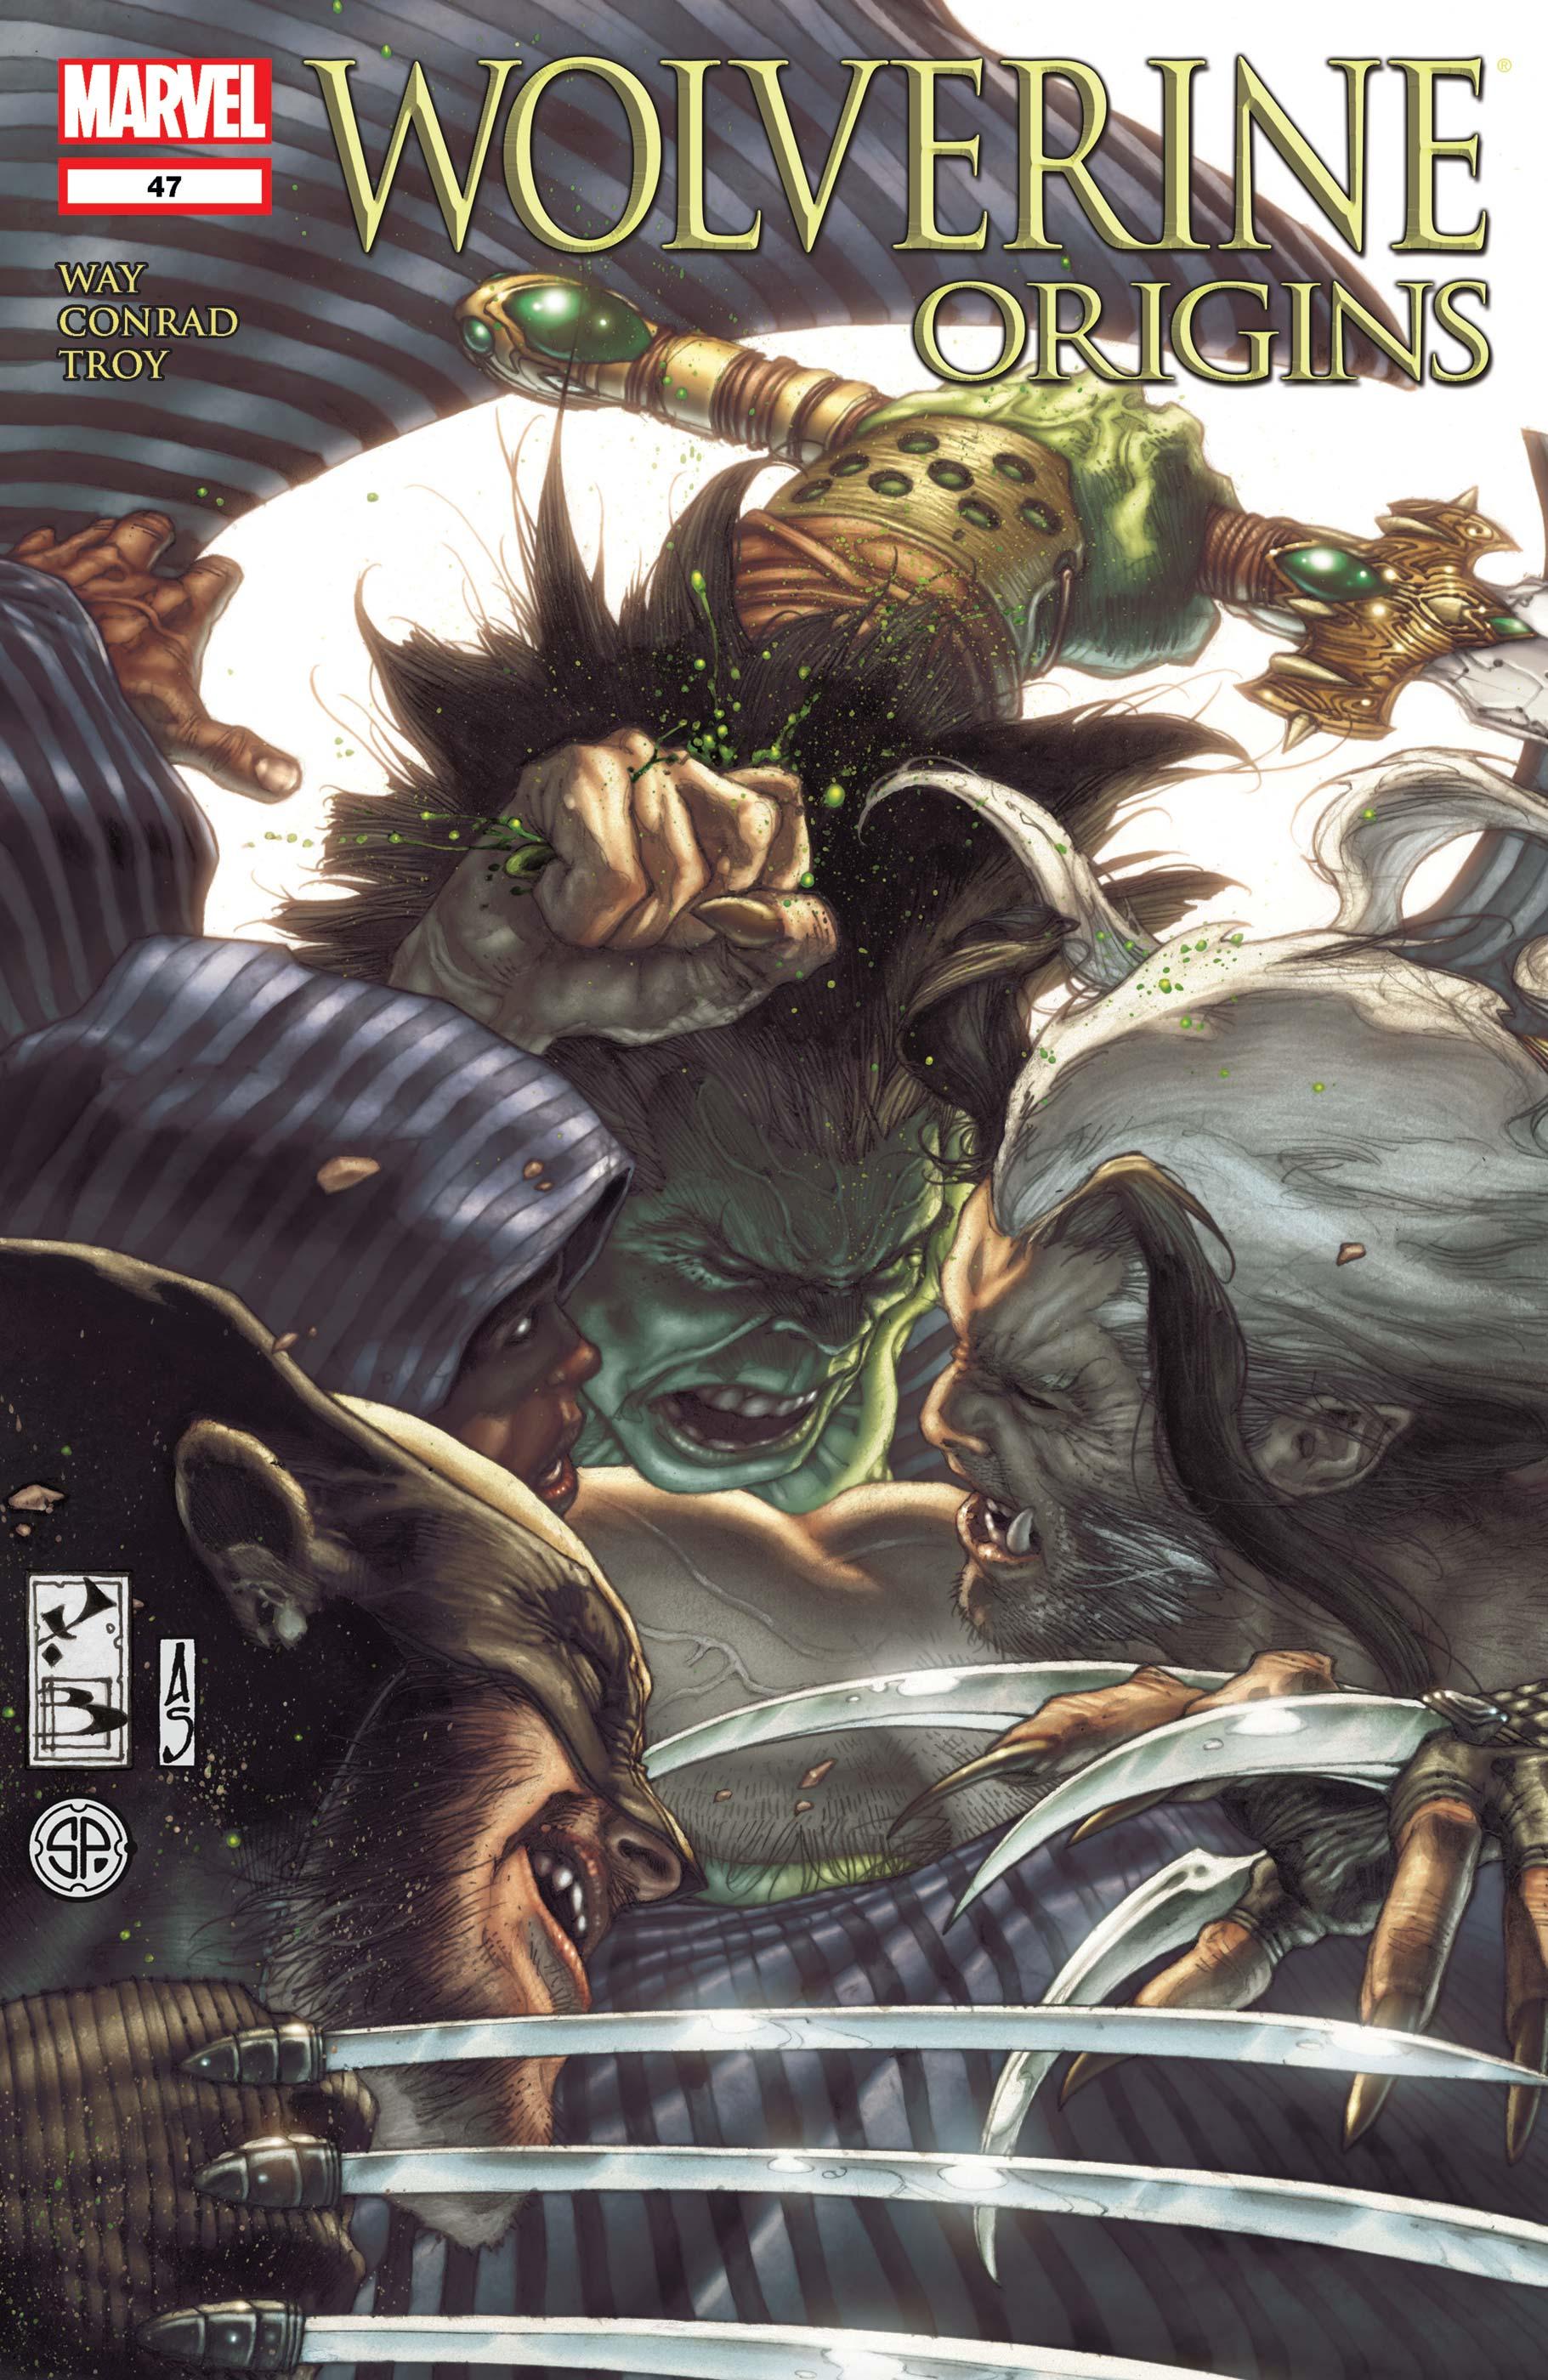 Wolverine Origins (2006) #47